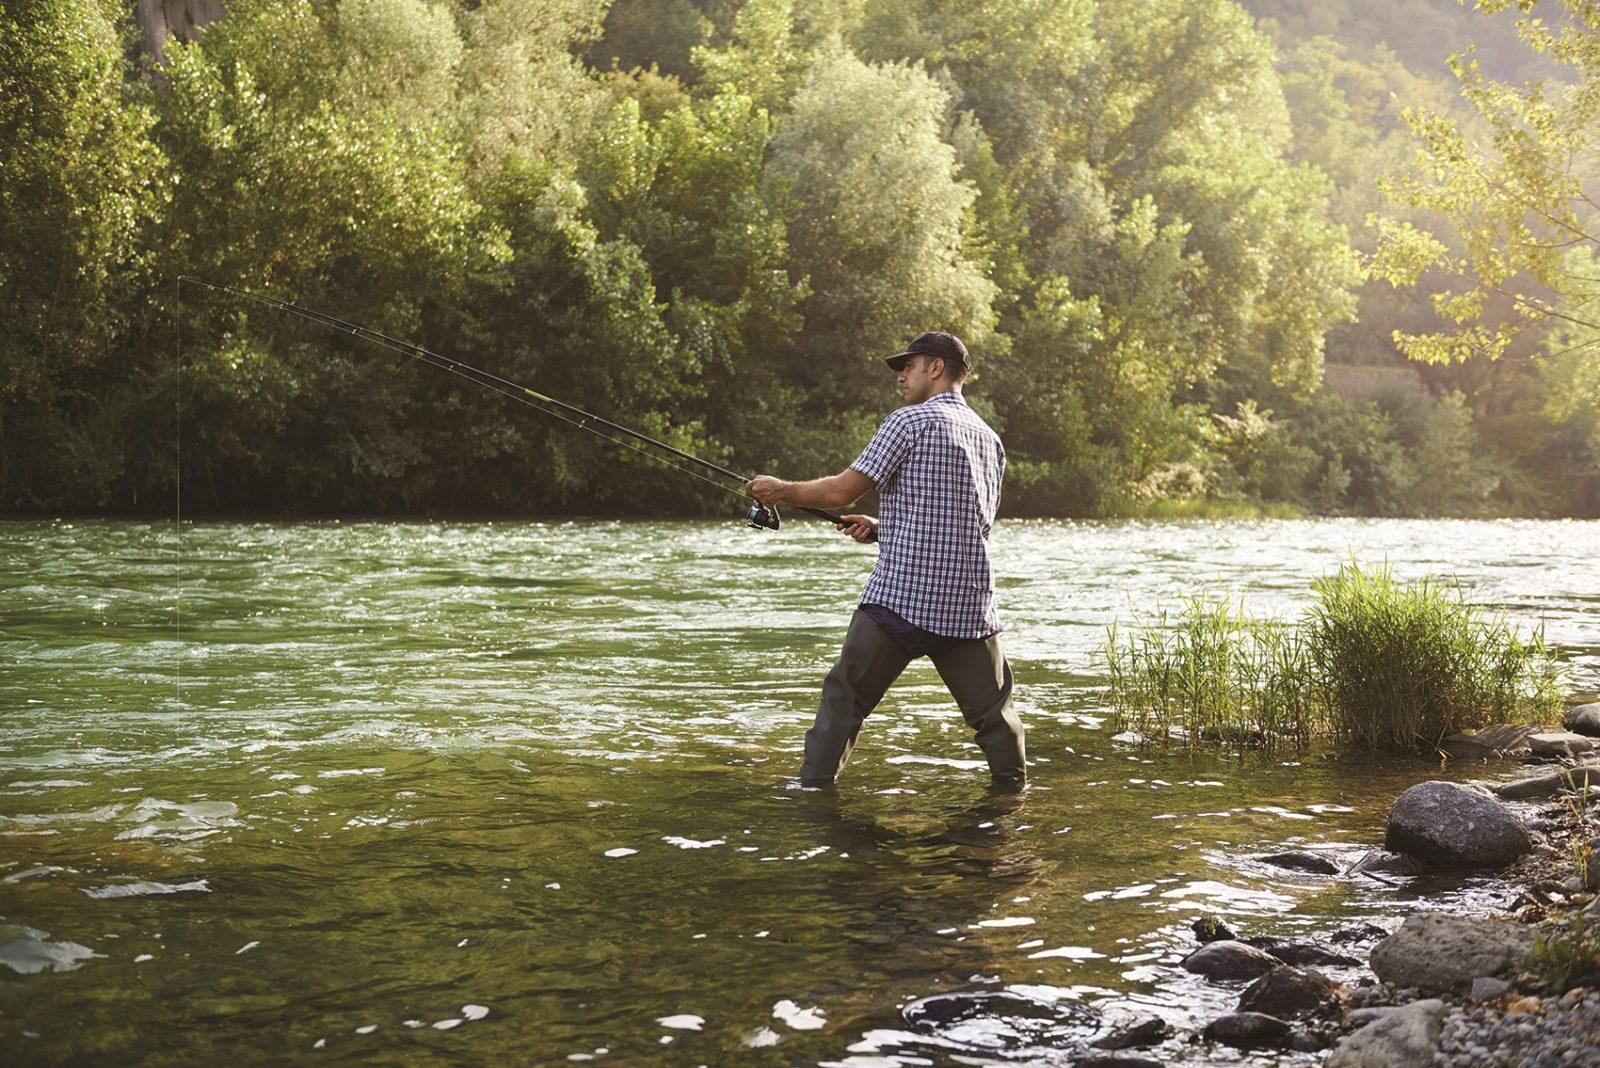 Remise à l'eau des saumons: Le ministère recule pour la rivière Saint-Jean